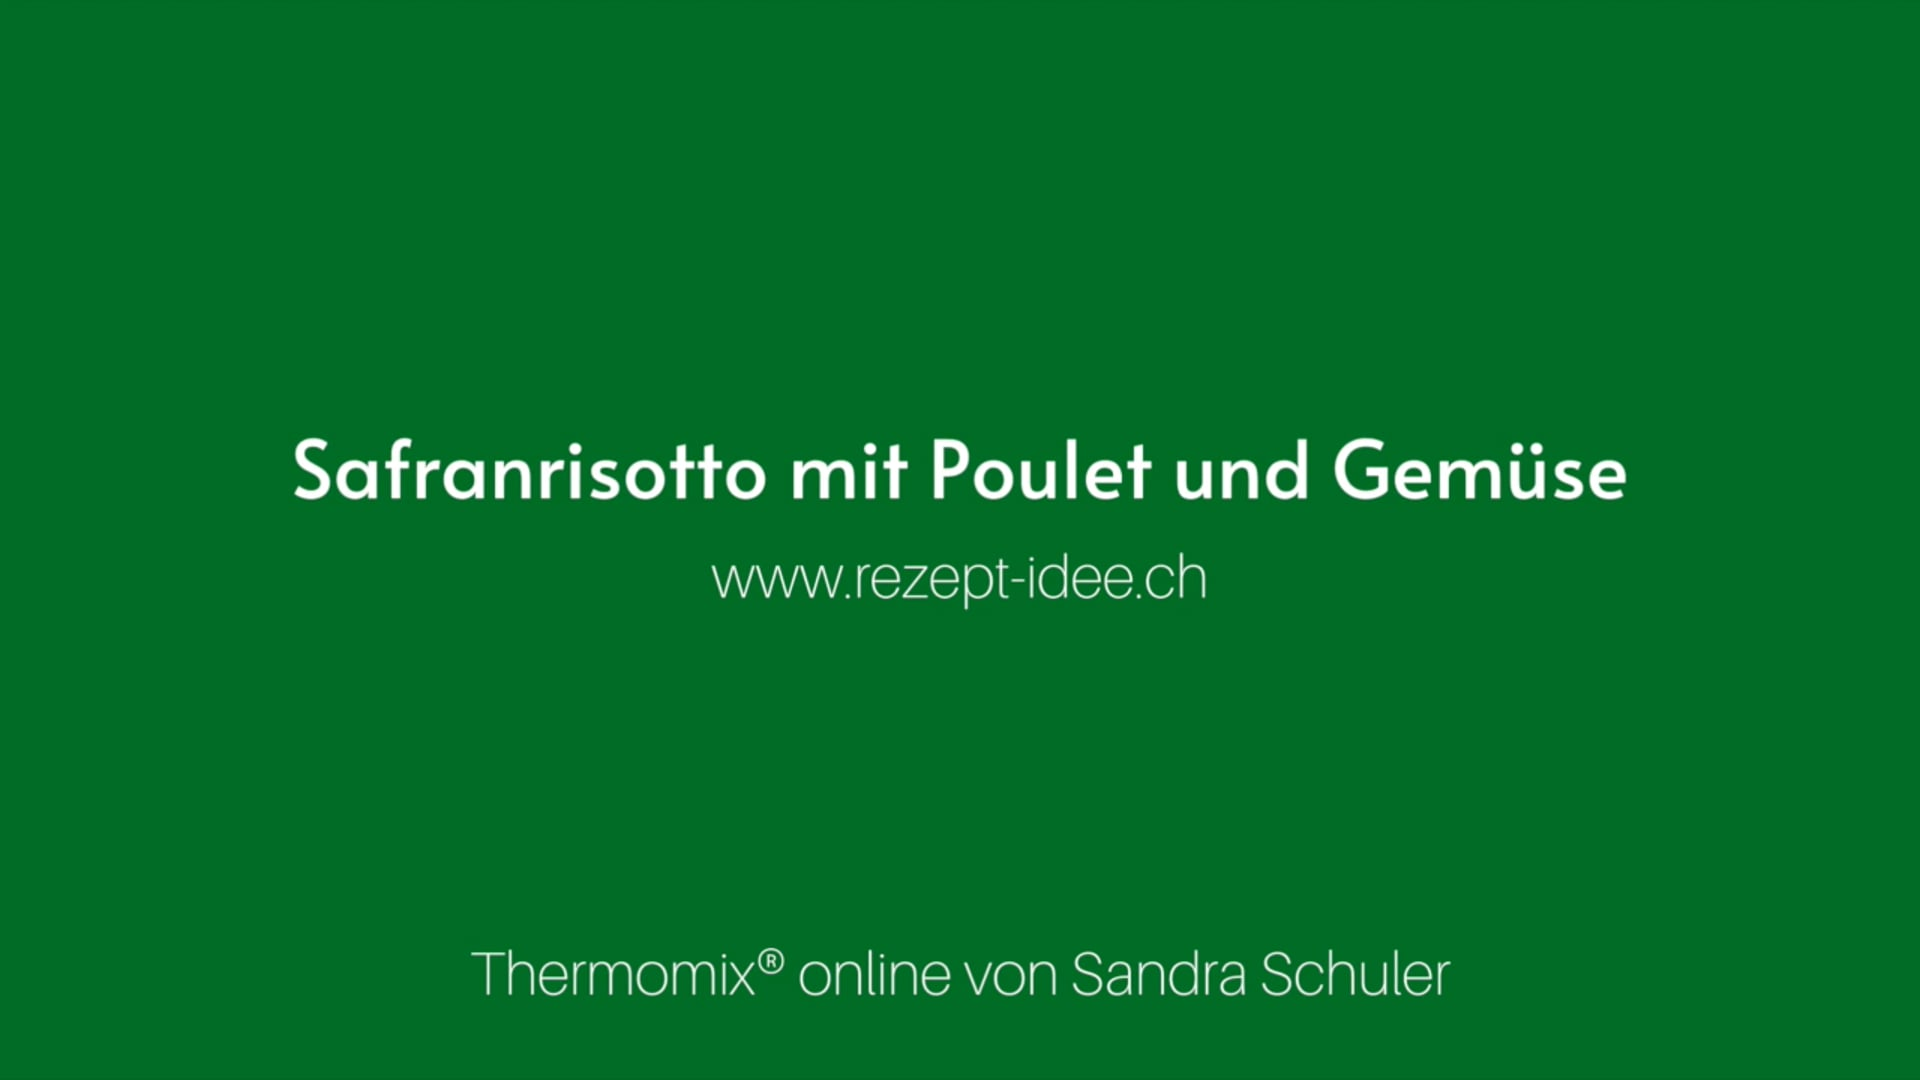 Safranrisotto mit Poulet und Gemüse (all-in-one)